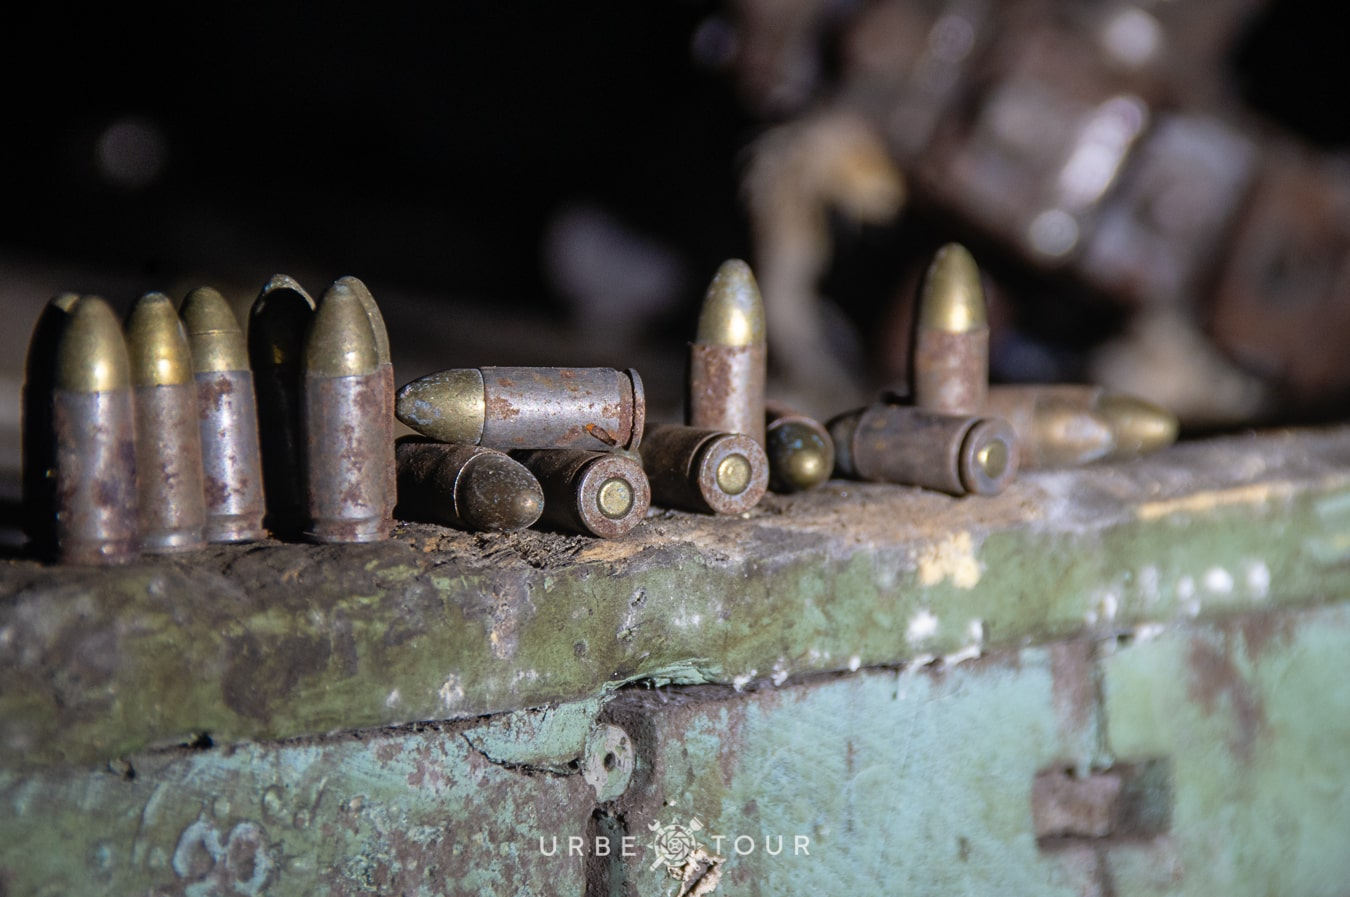 polican-communist-wearpon-underground-plant-26 Поличан: секретный военный бункер-завод коммунистов в горах Албании